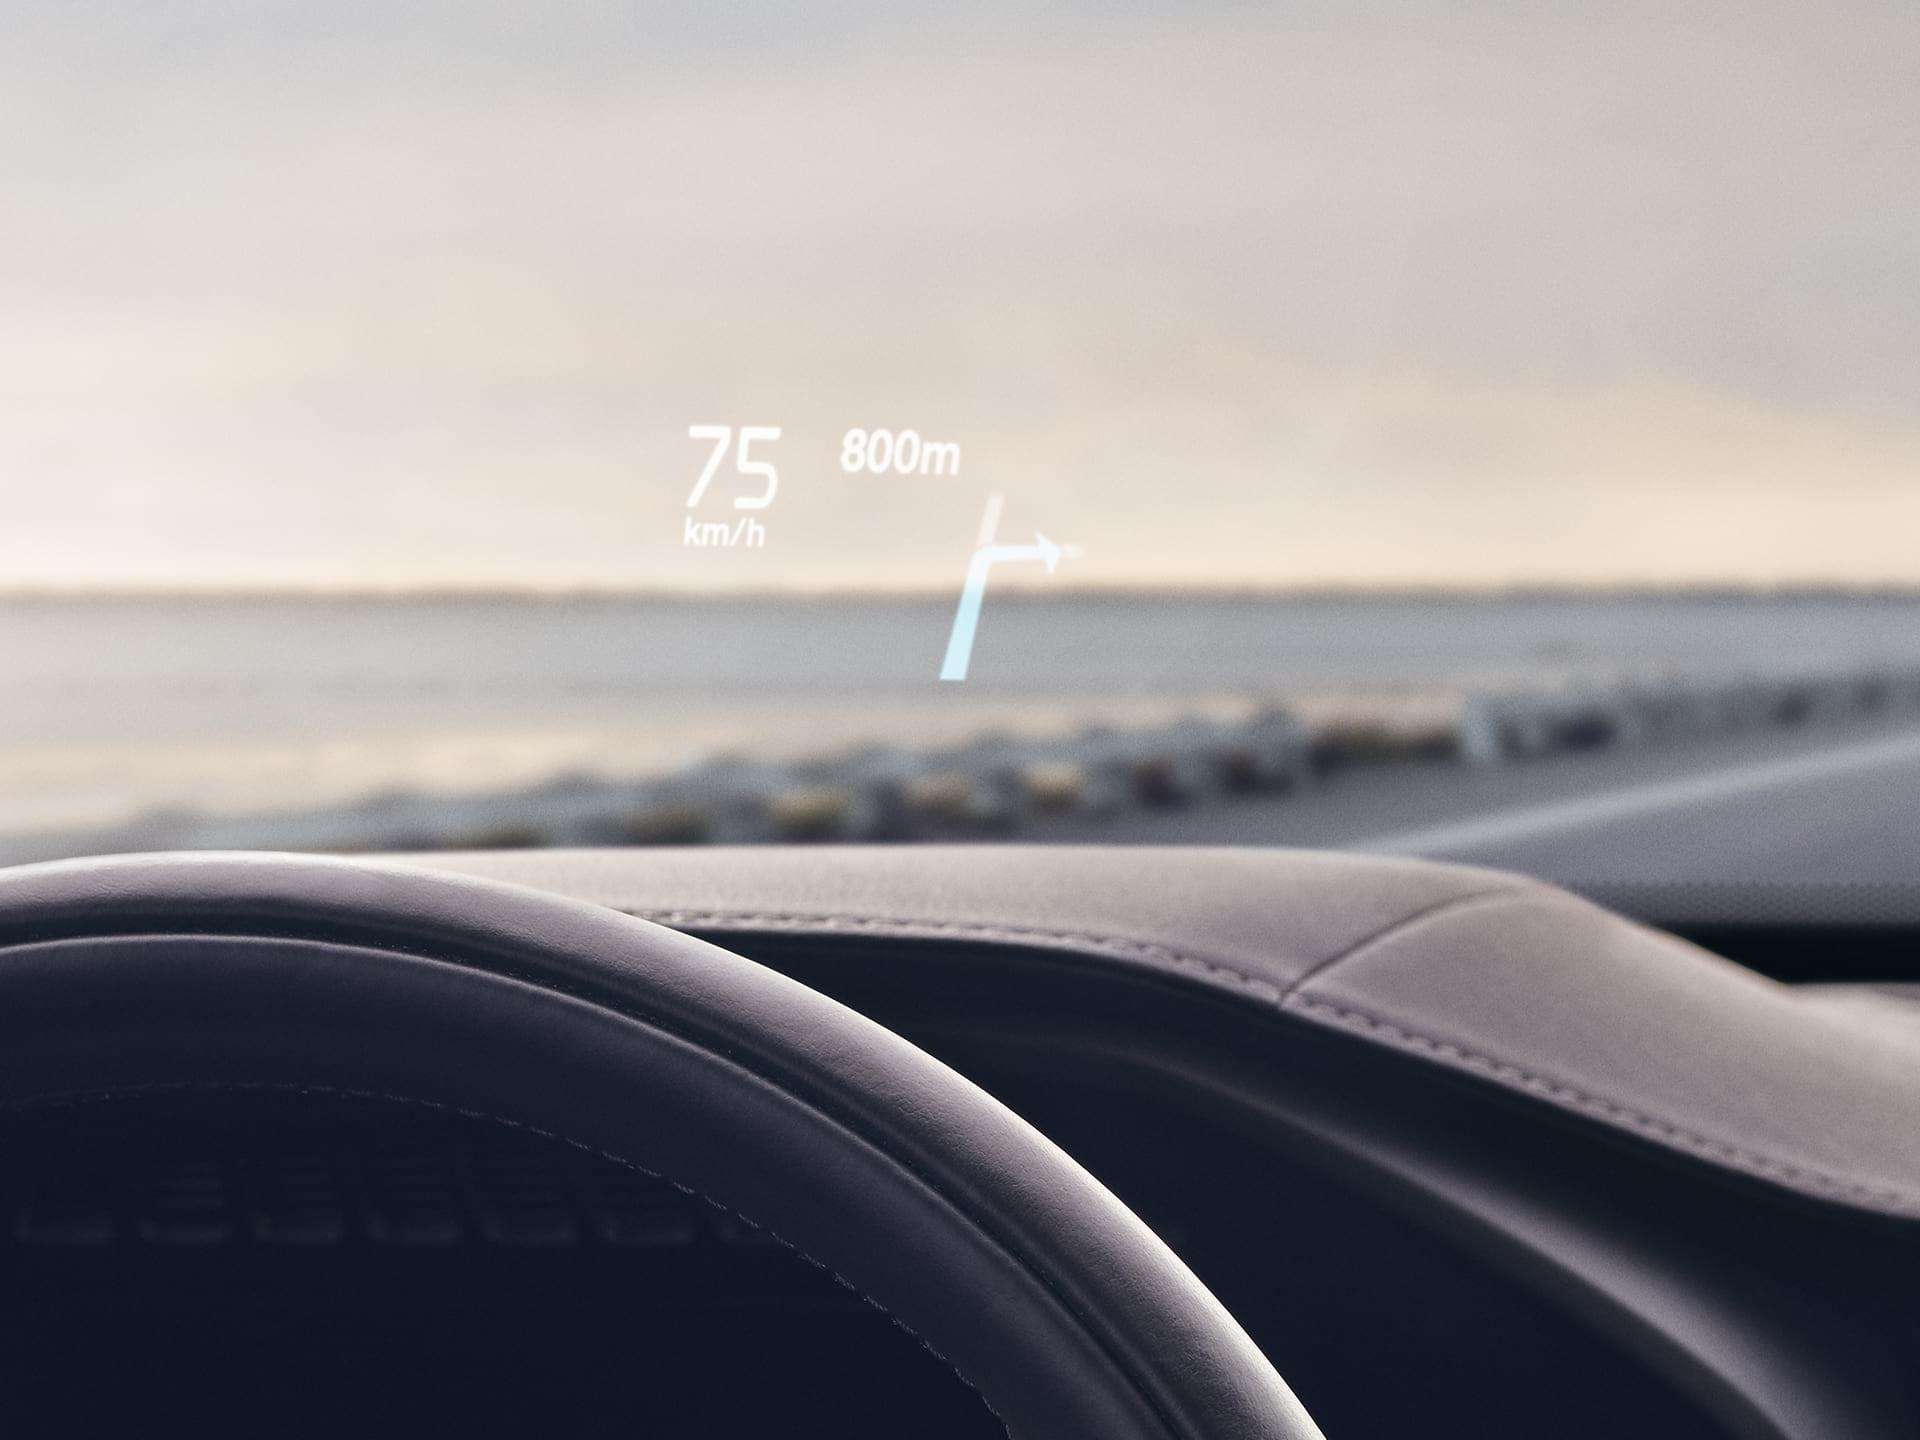 Interior de un Volvo: la pantalla proyectada muestra la velocidad de conducción y la navegación en el parabrisas.